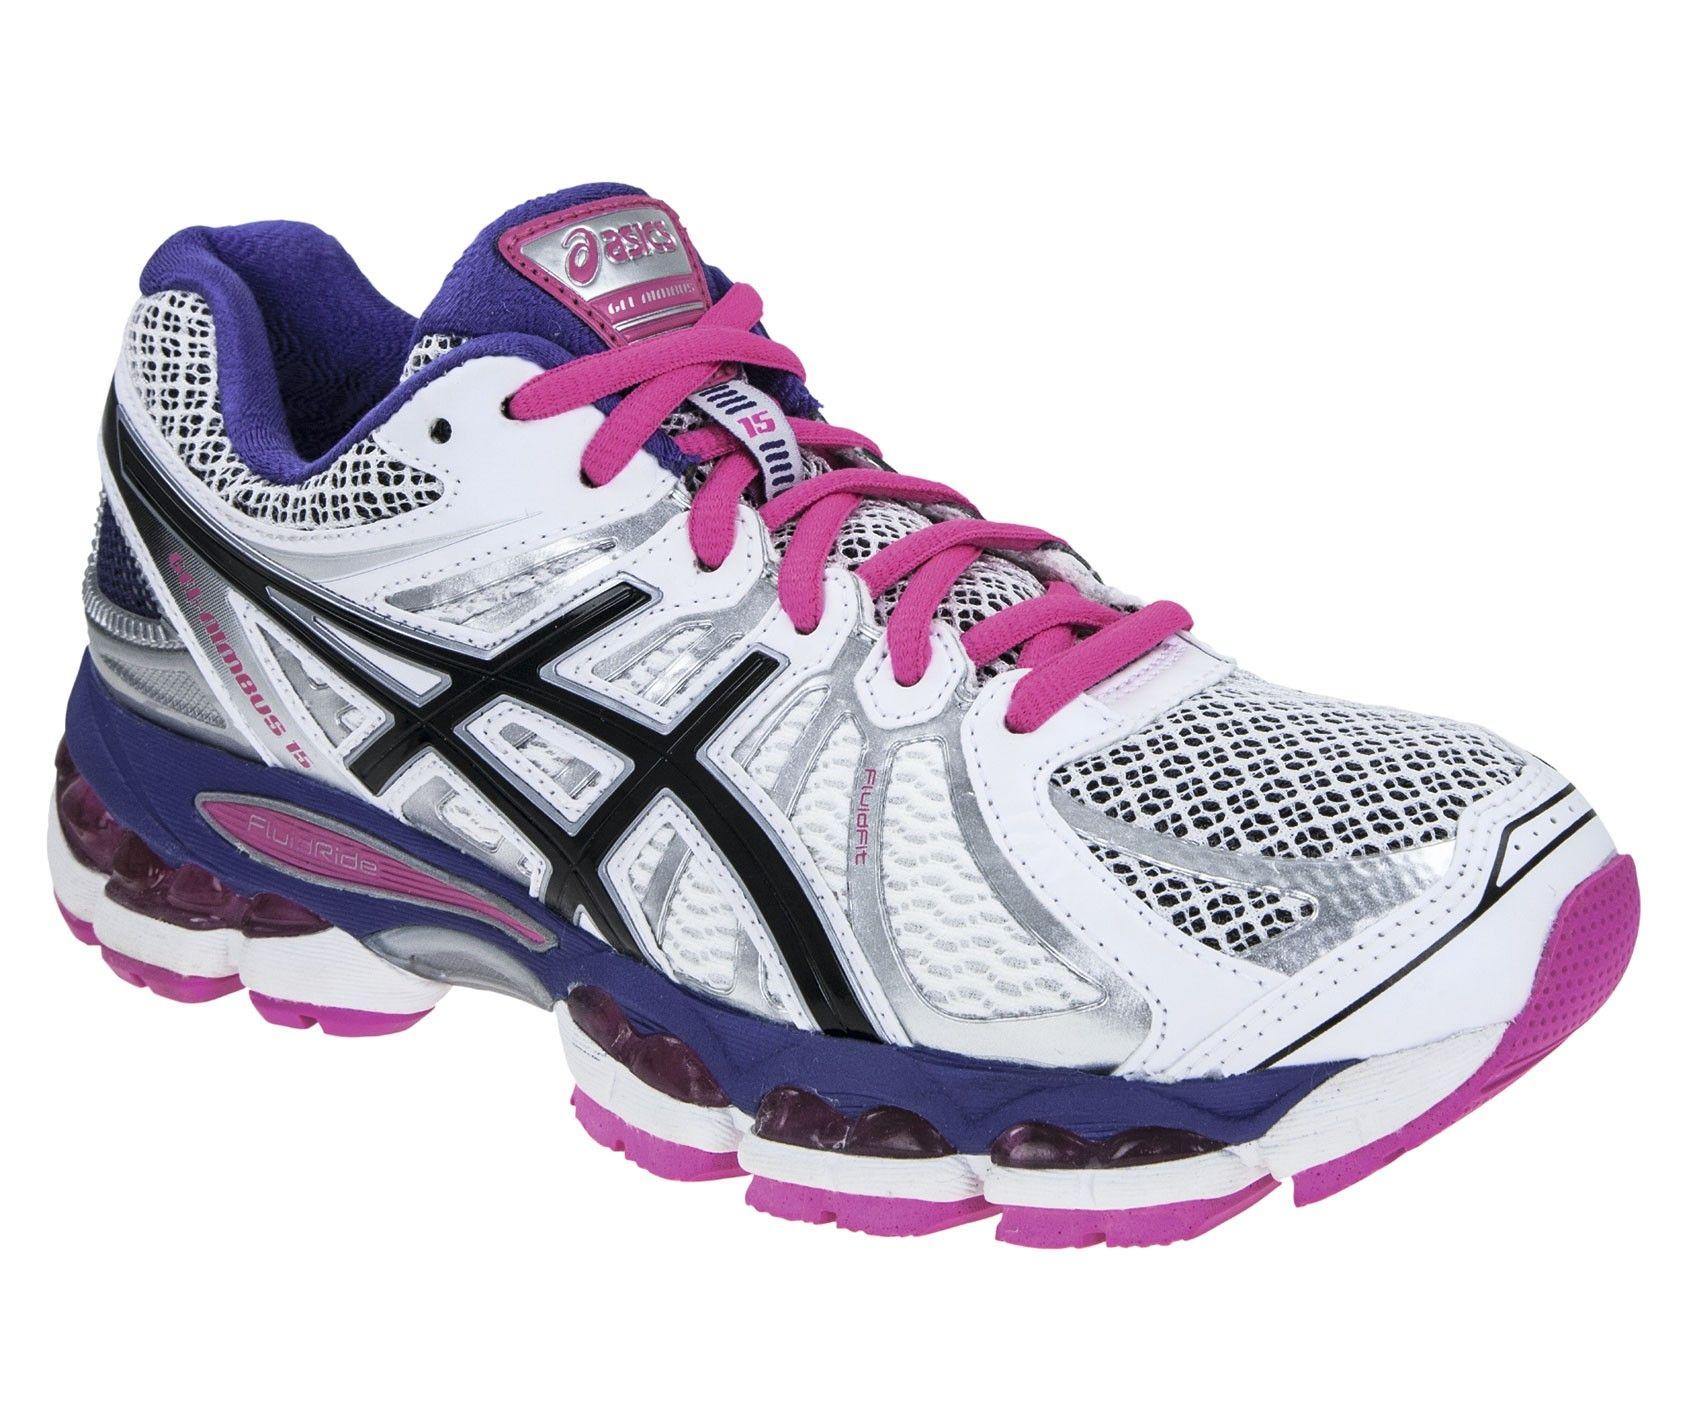 asics negras mujer zapatillas running